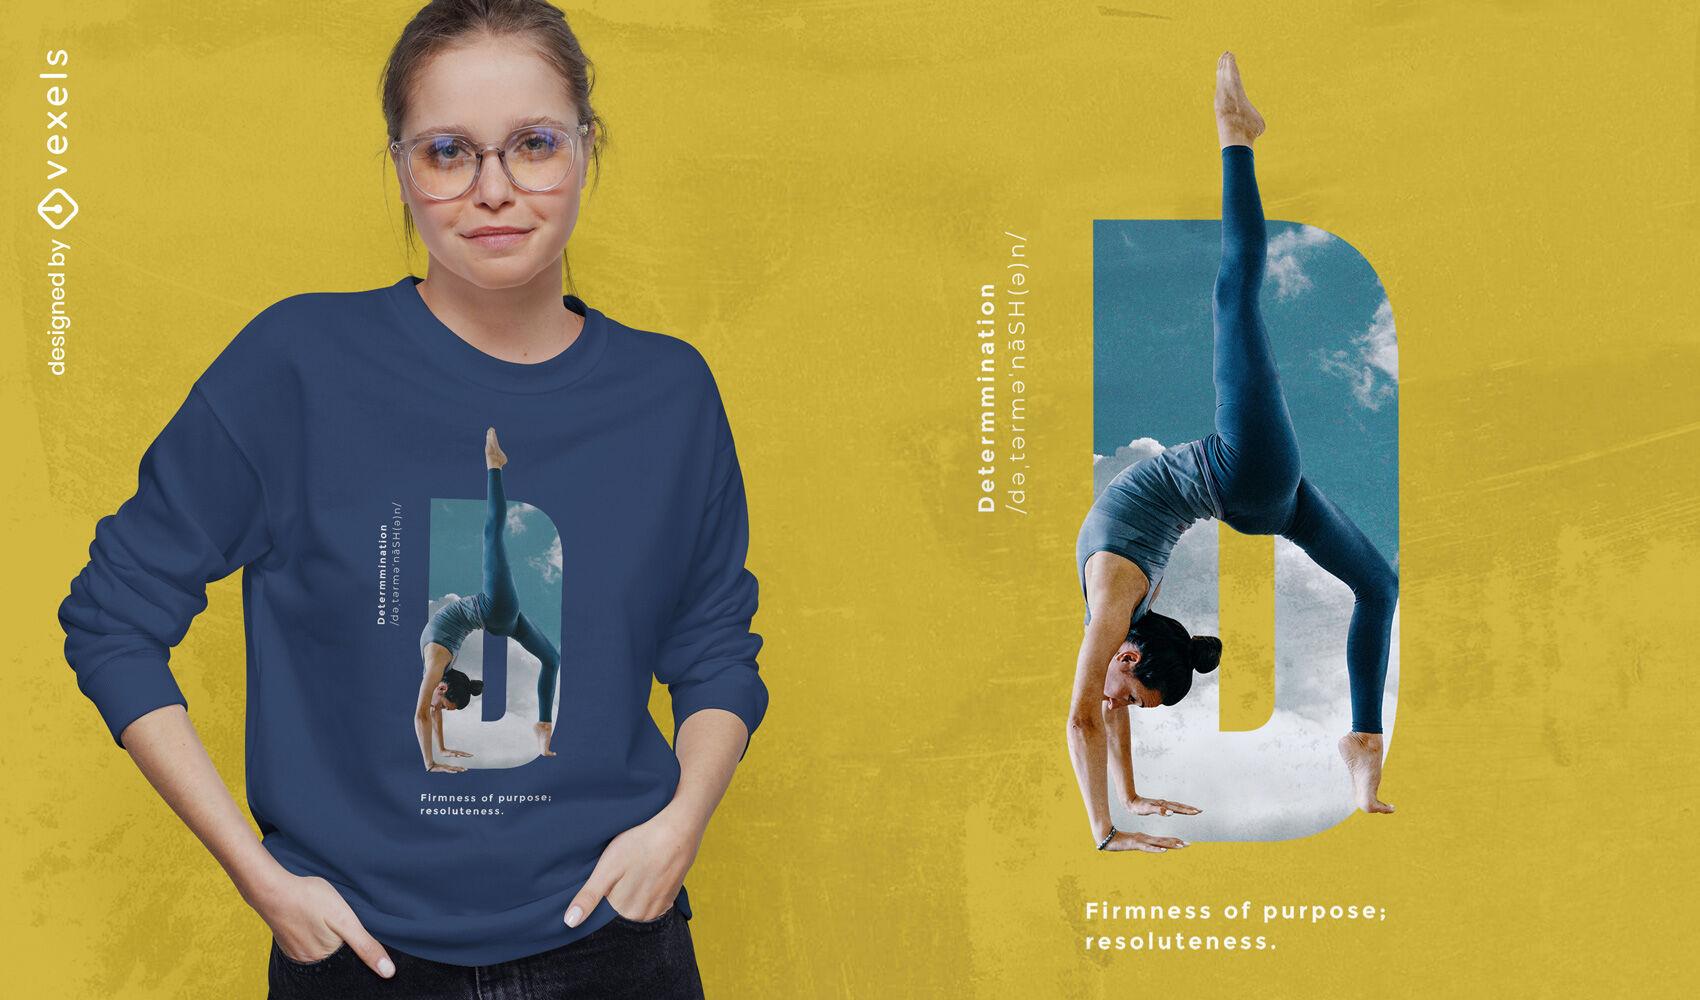 Diseño de camiseta psd de determinación de postura de yoga